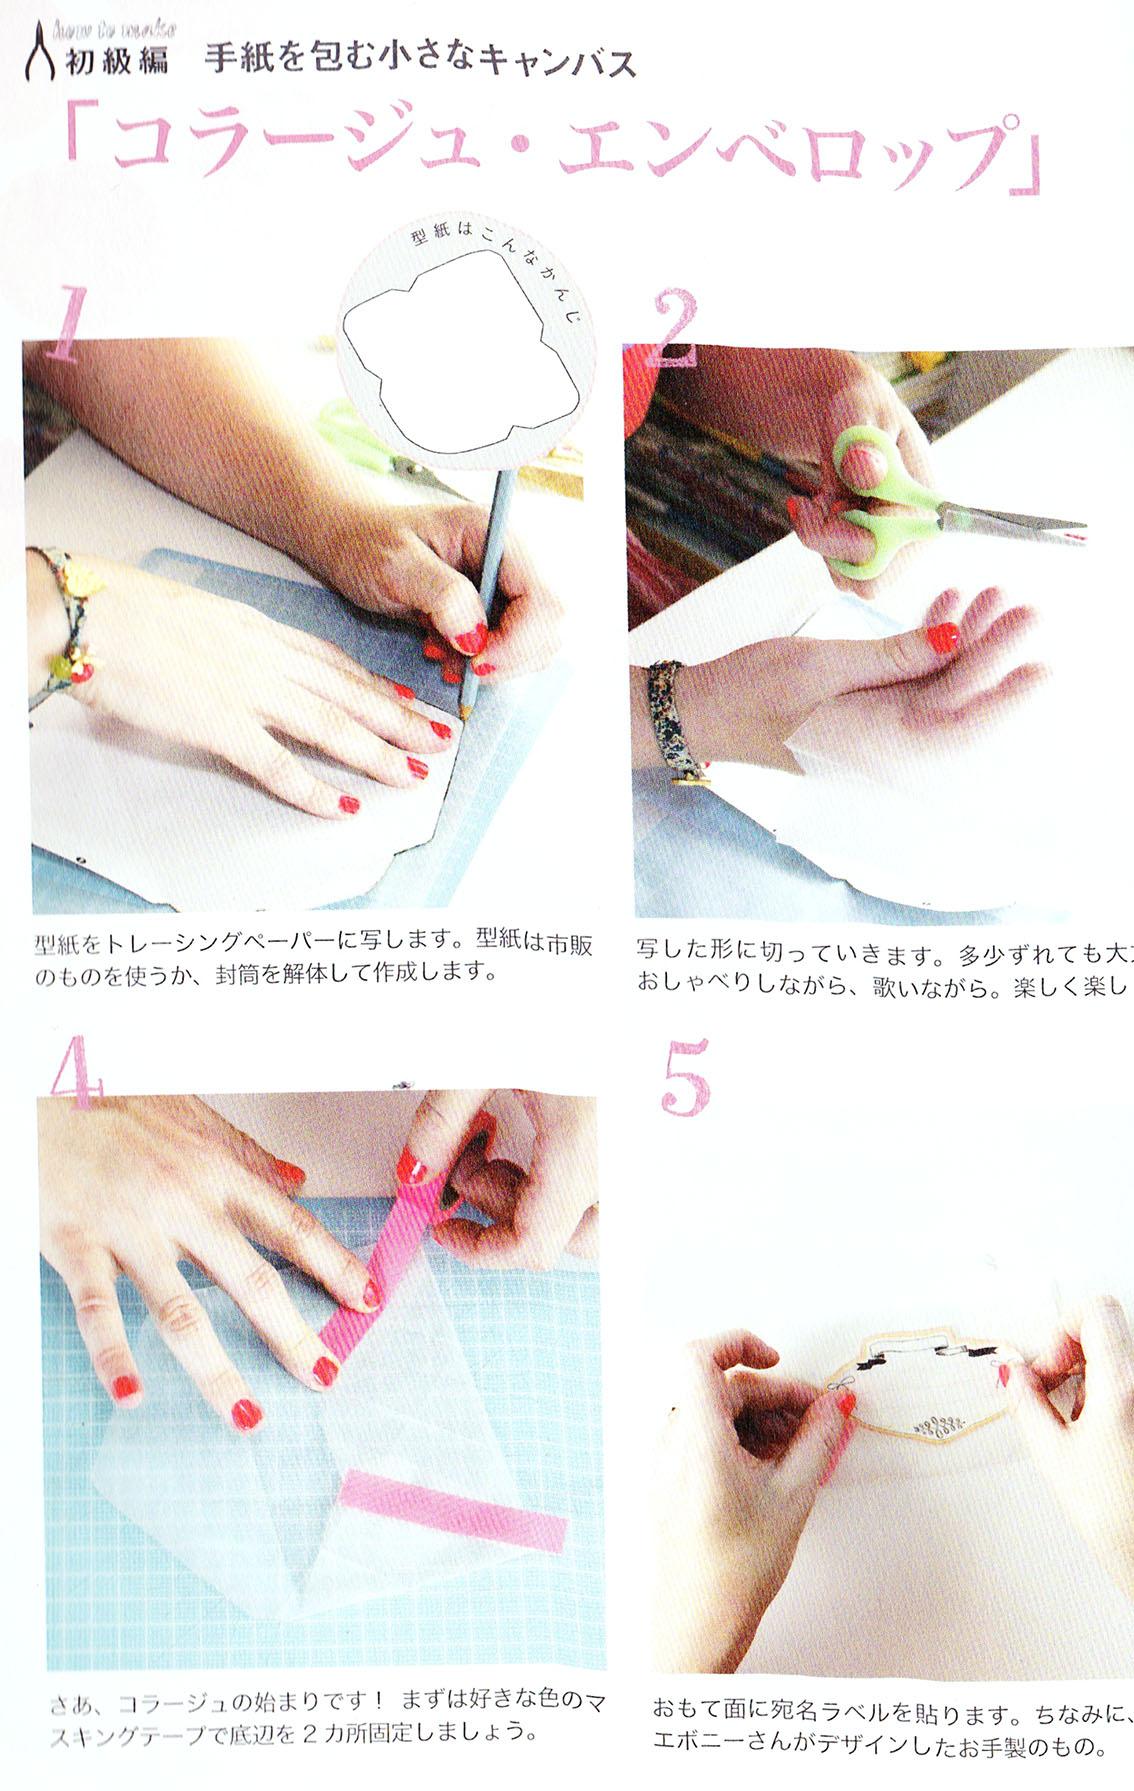 KawaiiPage01Low.jpg